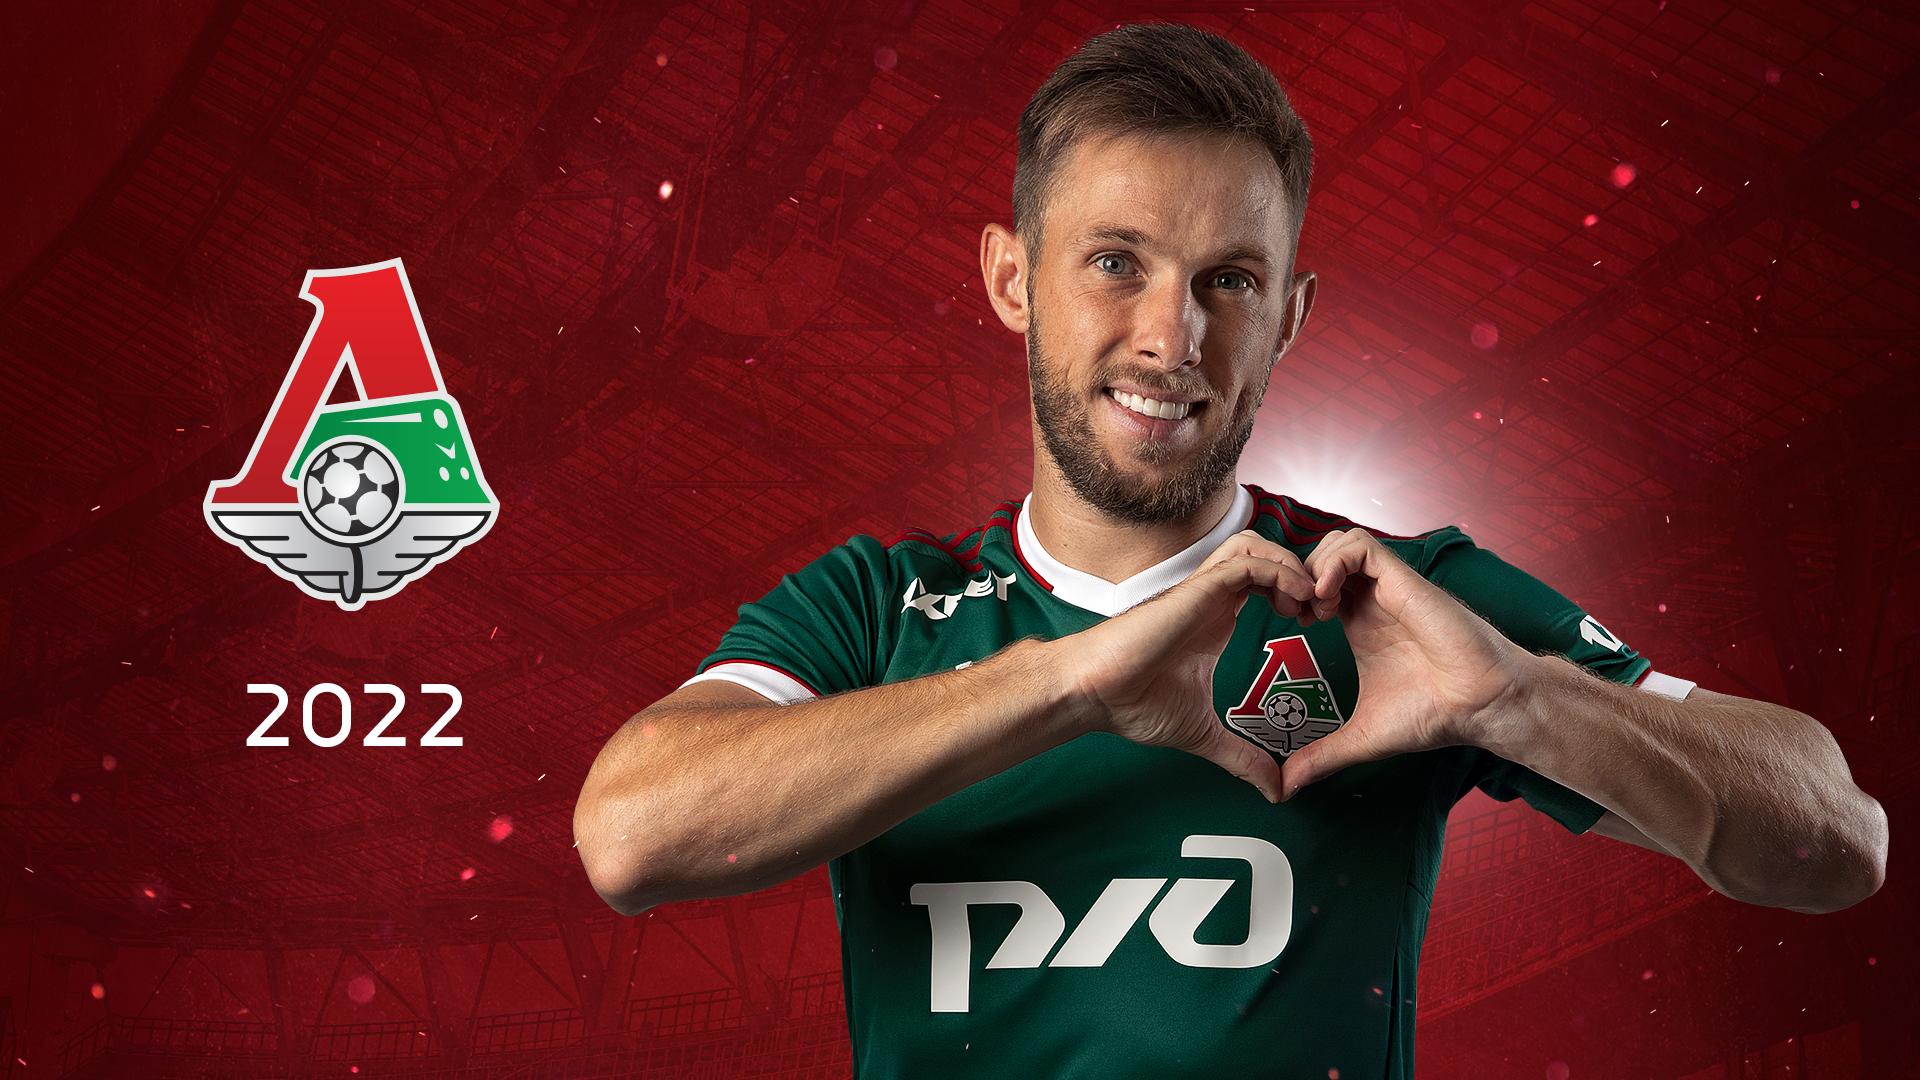 Мацей Рыбус остается в «Локомотиве» до 2022 года